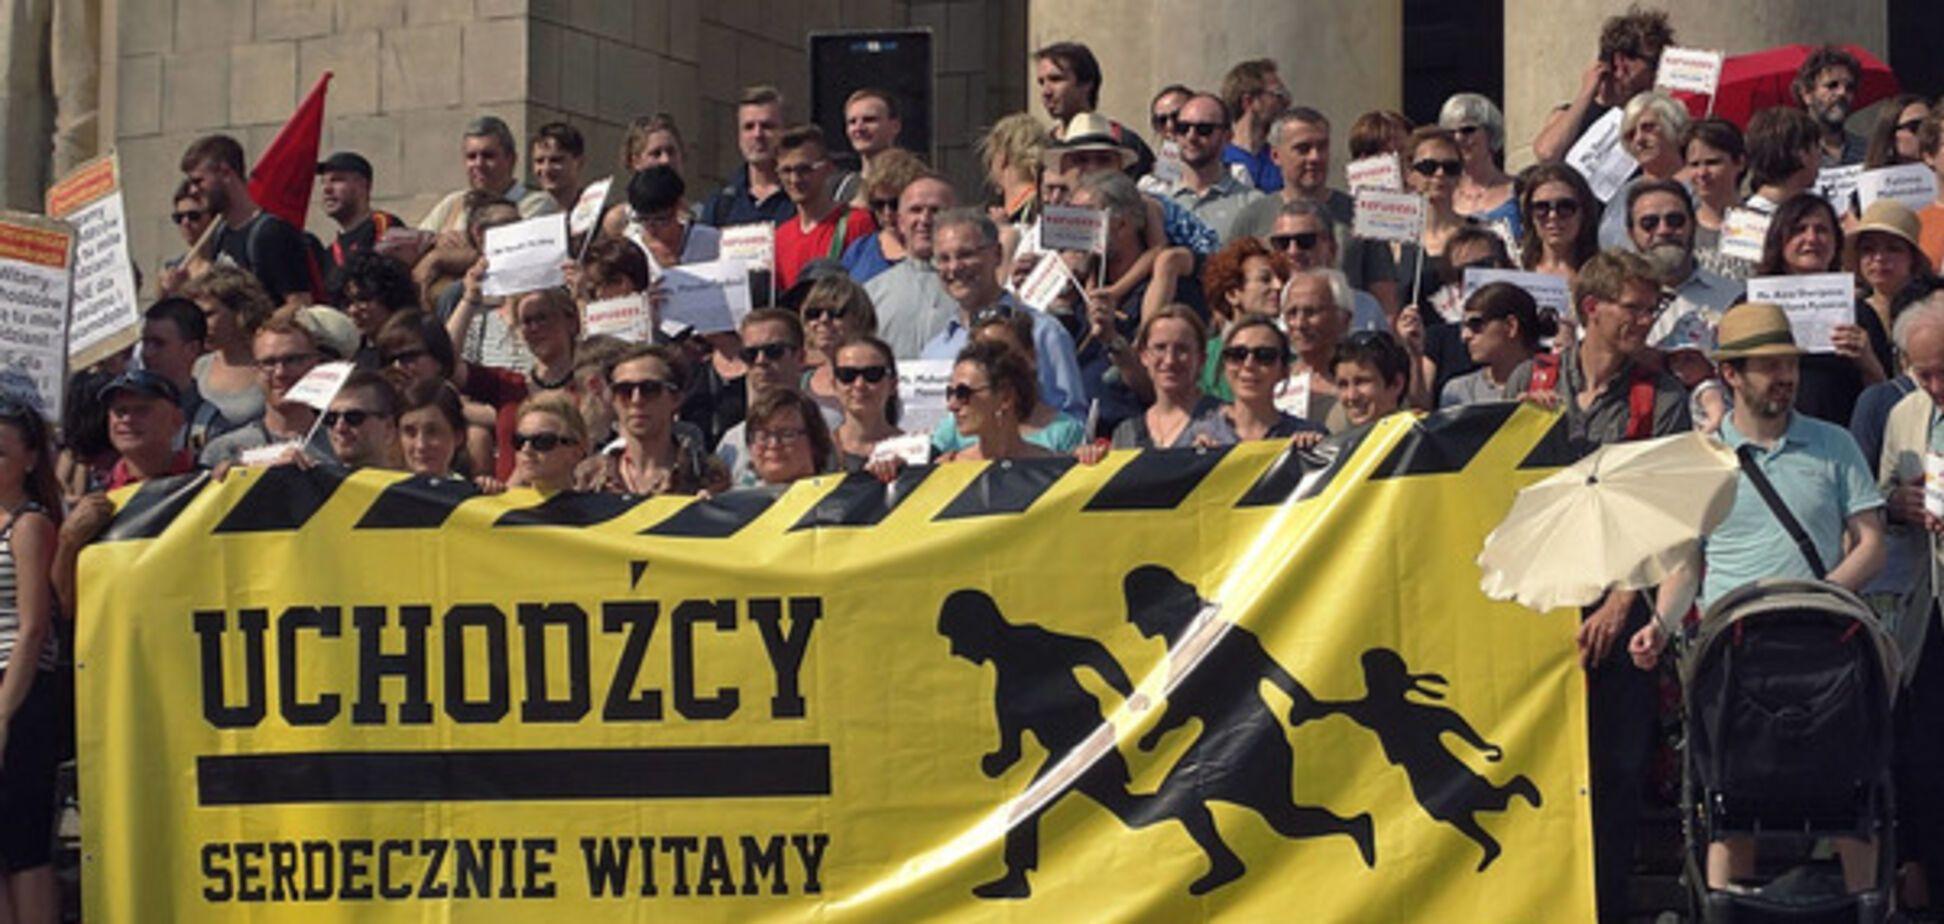 Ксенофобия в Польше